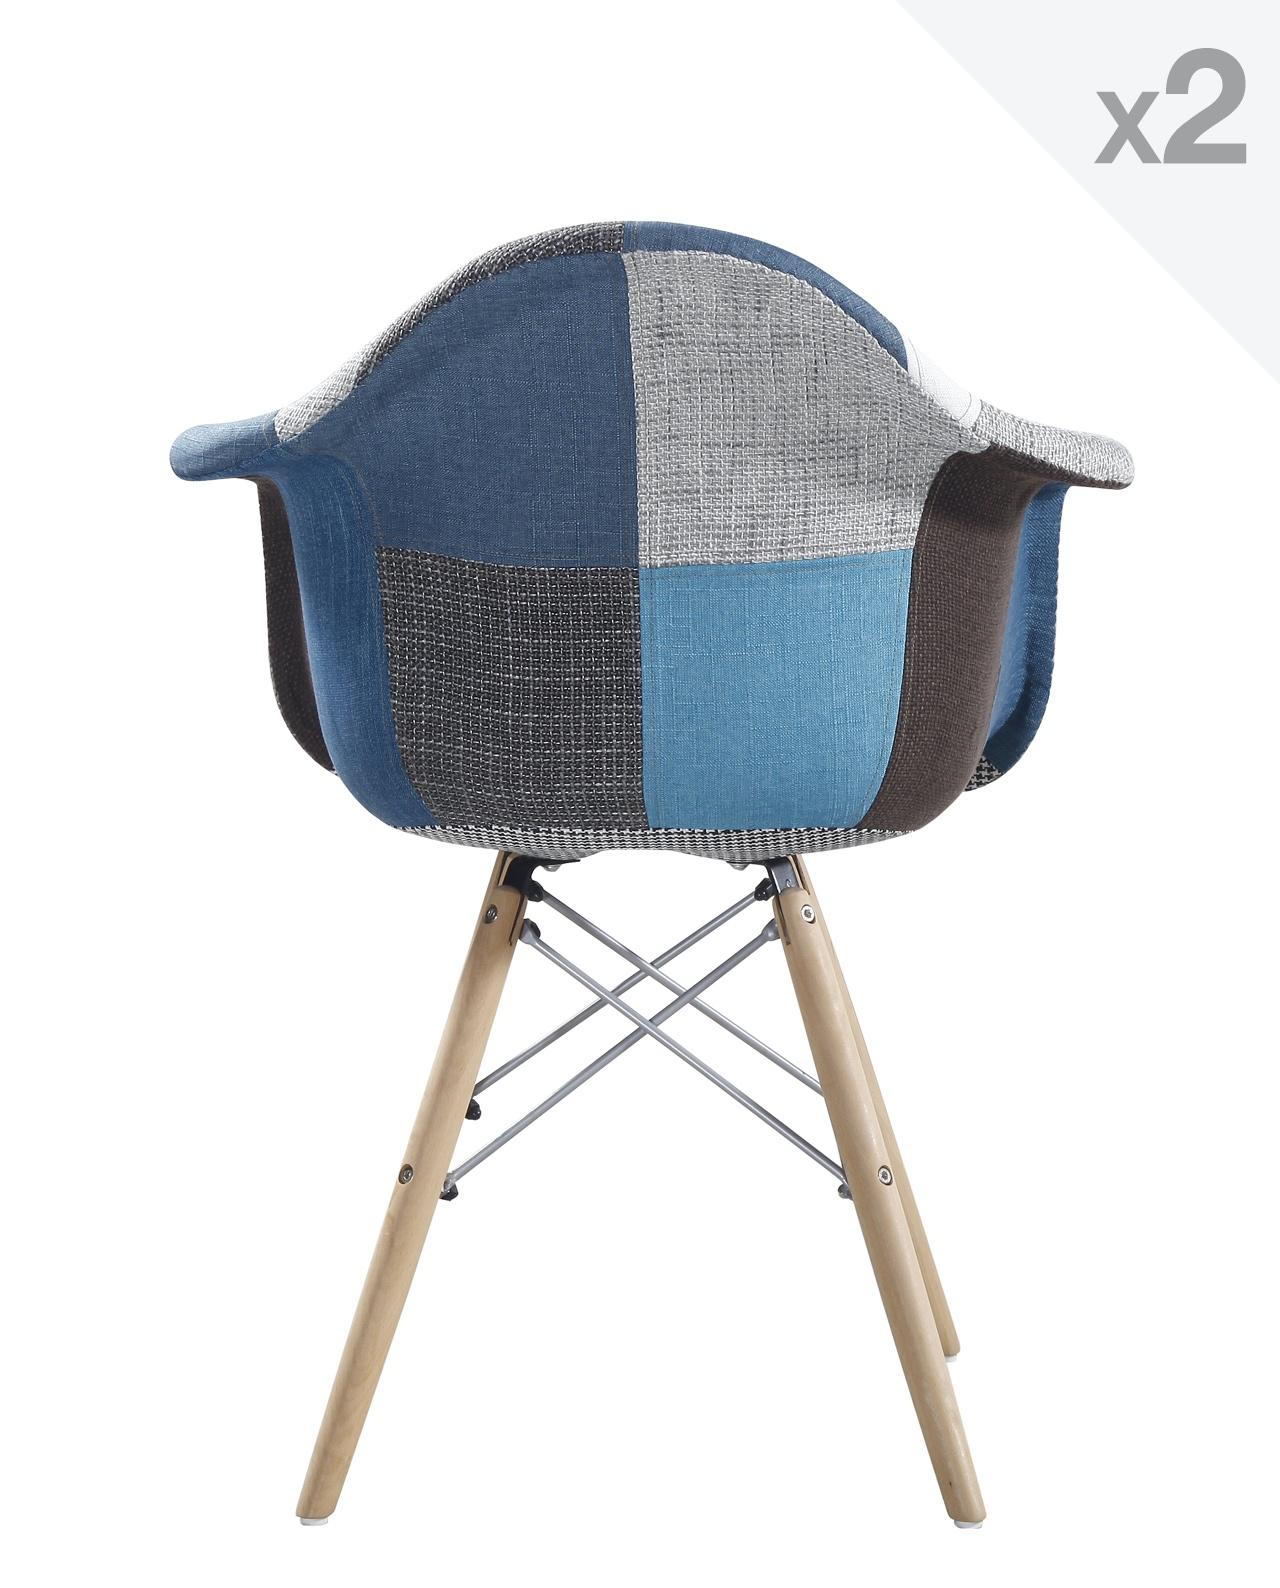 fauteuil scandinave patchwork bleu nador - Fauteuil Scandinave Patchwork